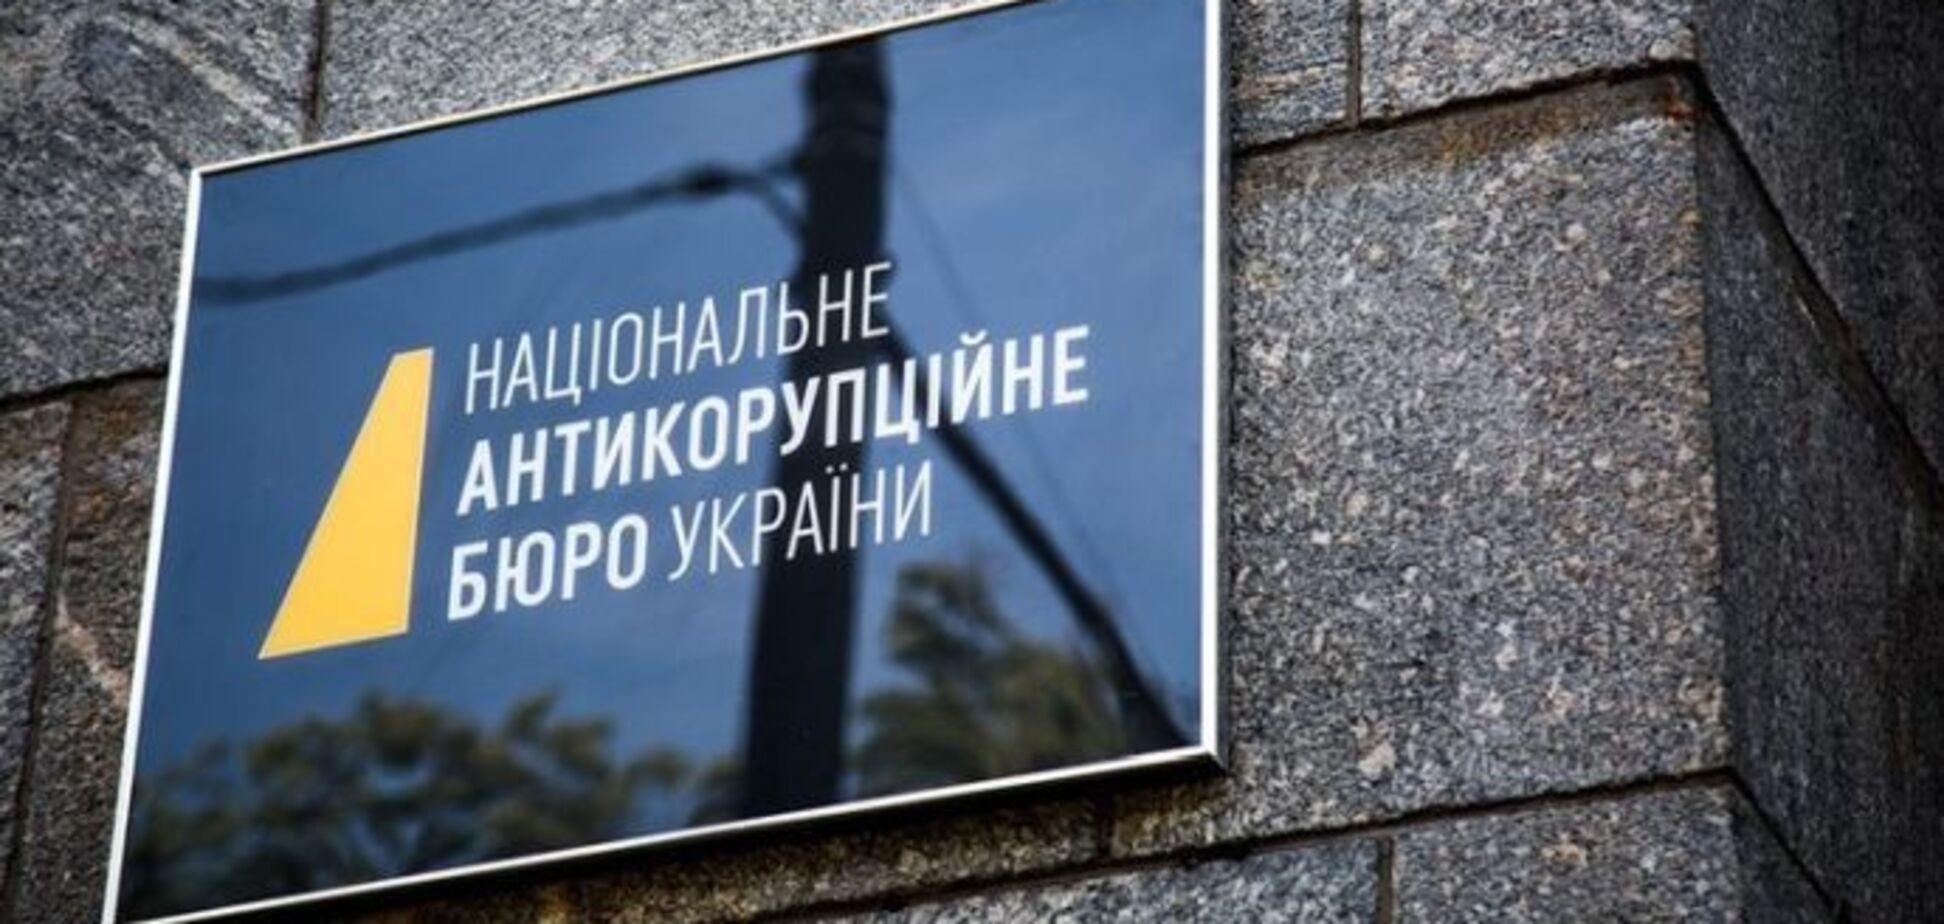 Працівники НАБУ брали участь у корупційних схемах щодо 'Укроборонпрому'